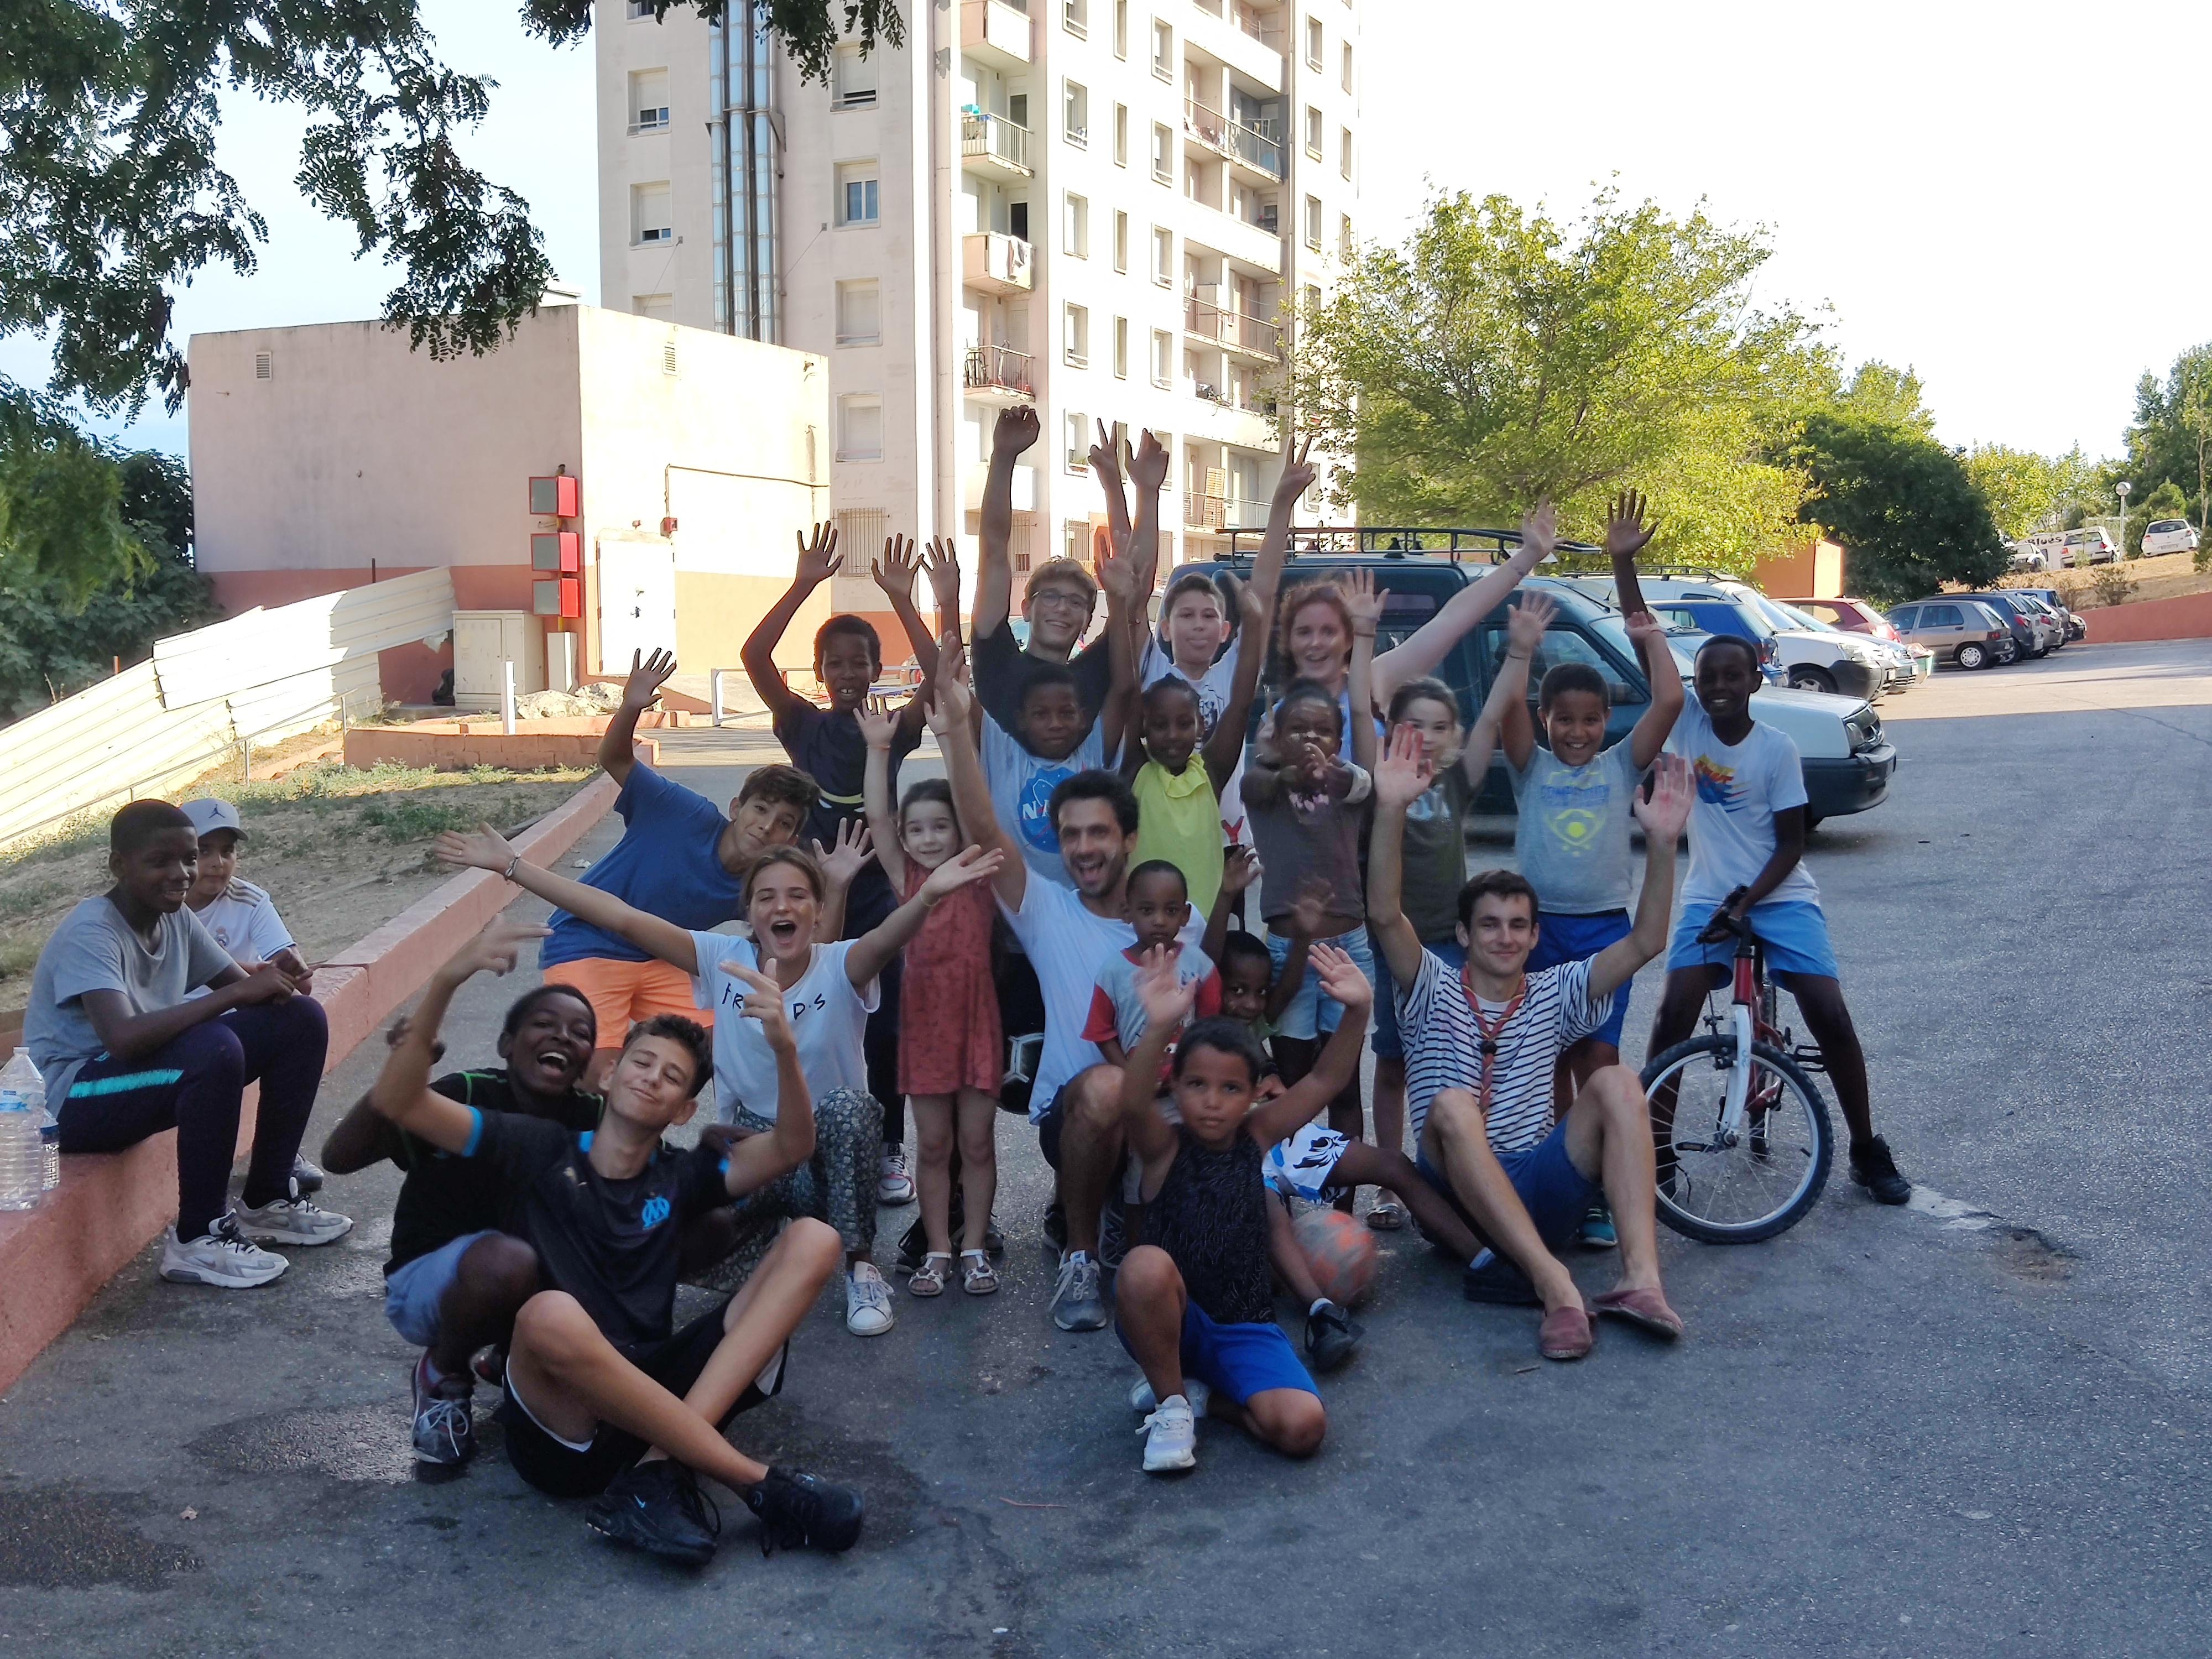 Team activité de rue cité Bellevue Massabielle Marseille